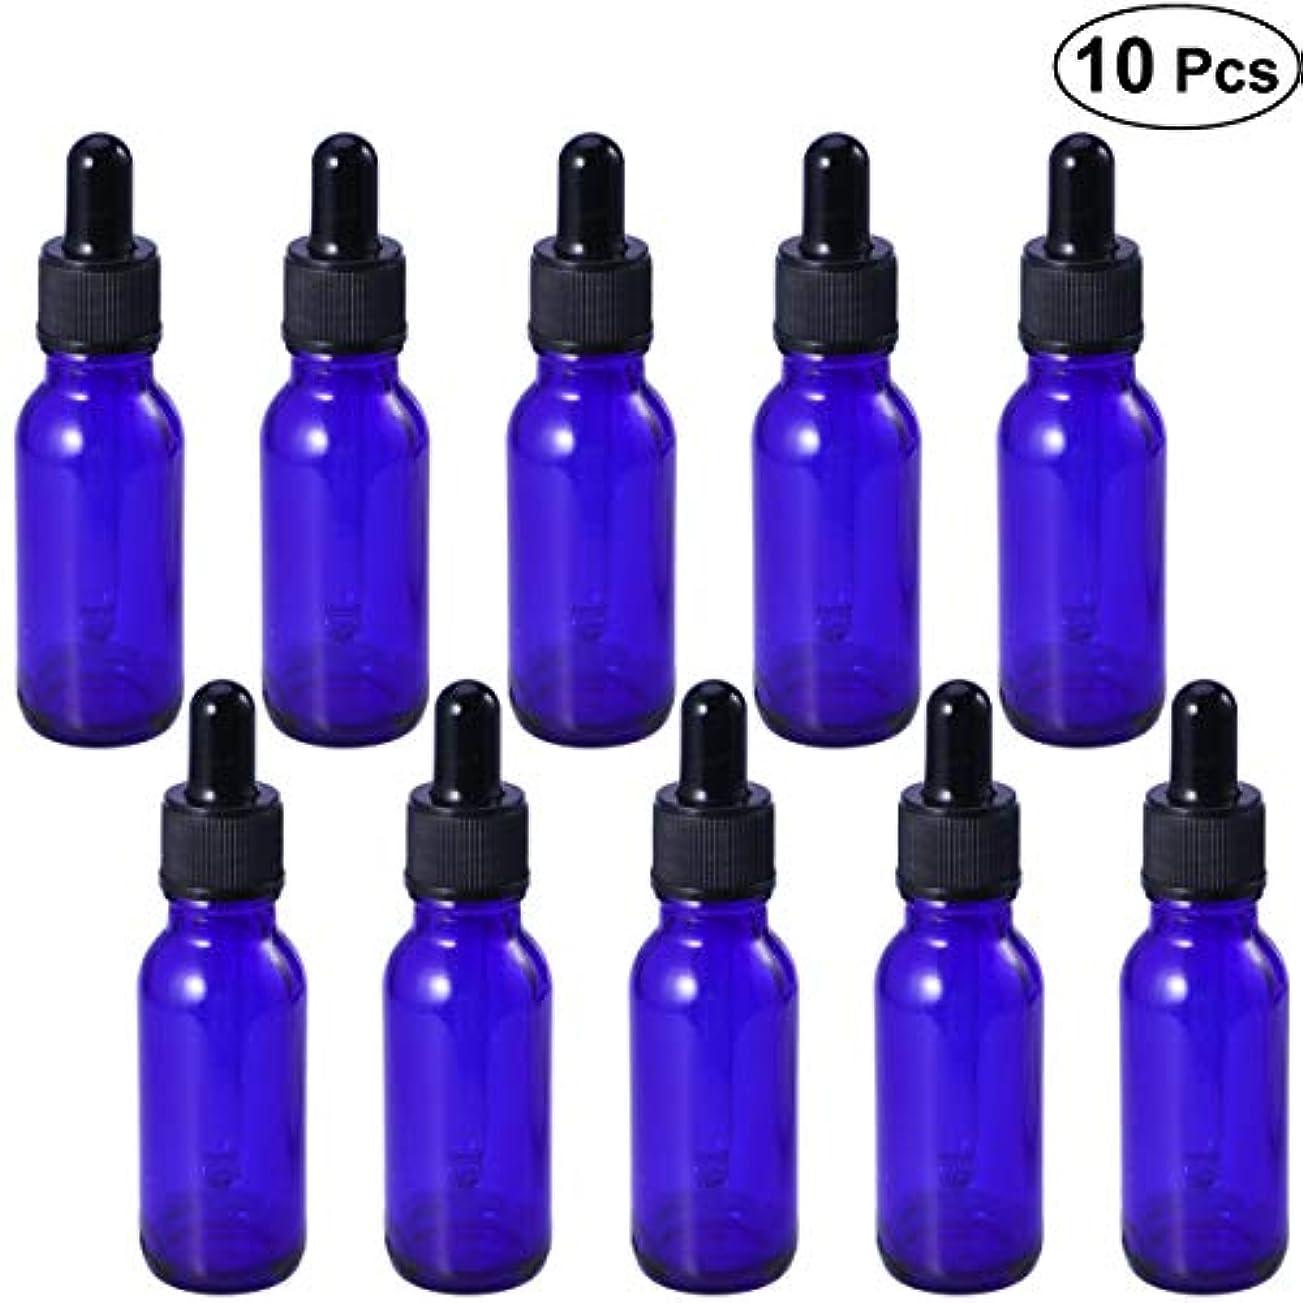 原告割合びんFrcolor 遮光瓶 スポイト遮光瓶 20ml 青色 スポイト付き アロマボトル 保存容器 エッセンシャルオイル 香水保存用 詰替え ガラス 10個セット